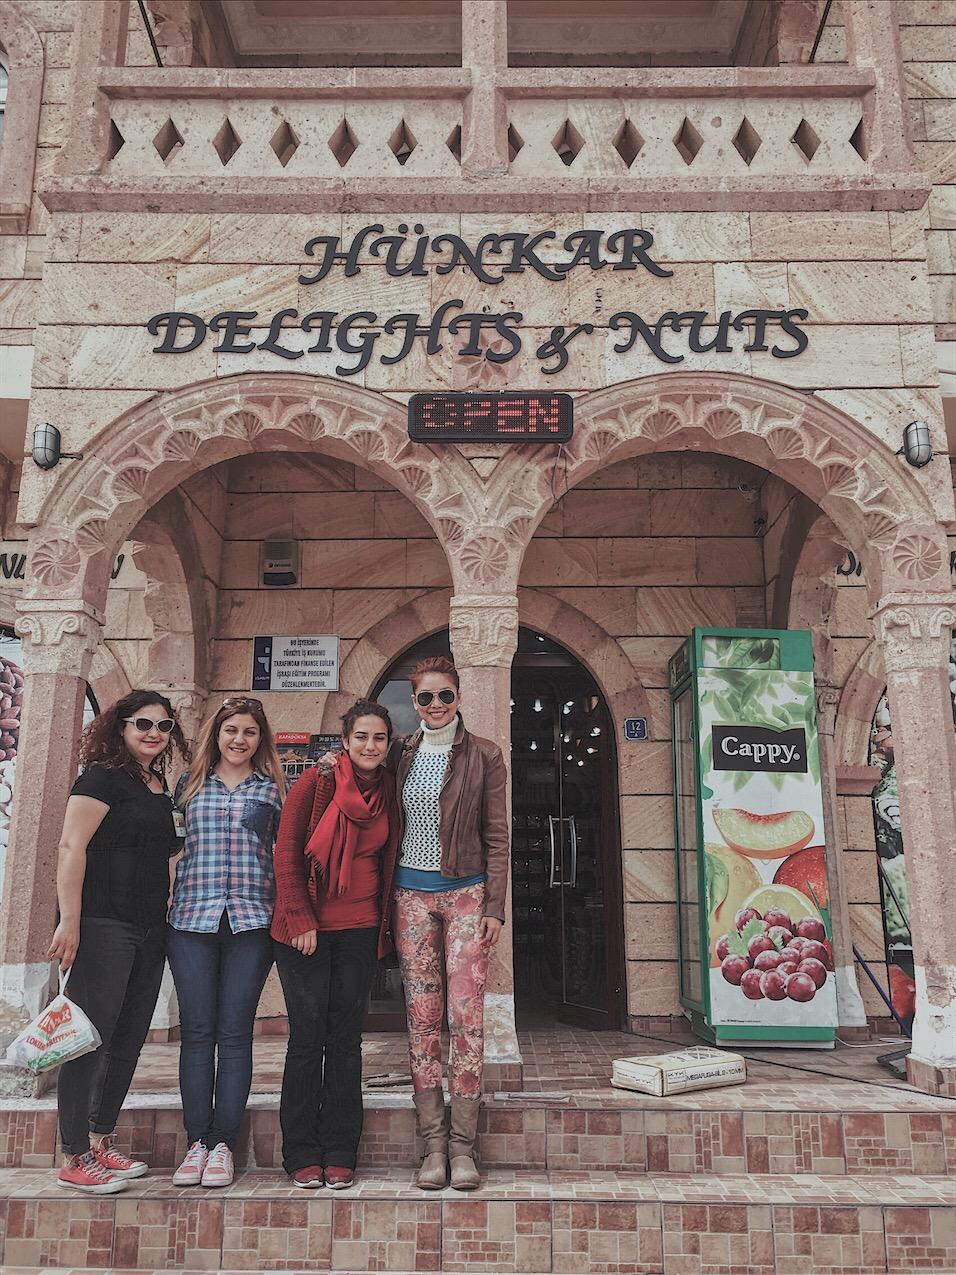 Hunkar delights nuts Cappadocia turkey